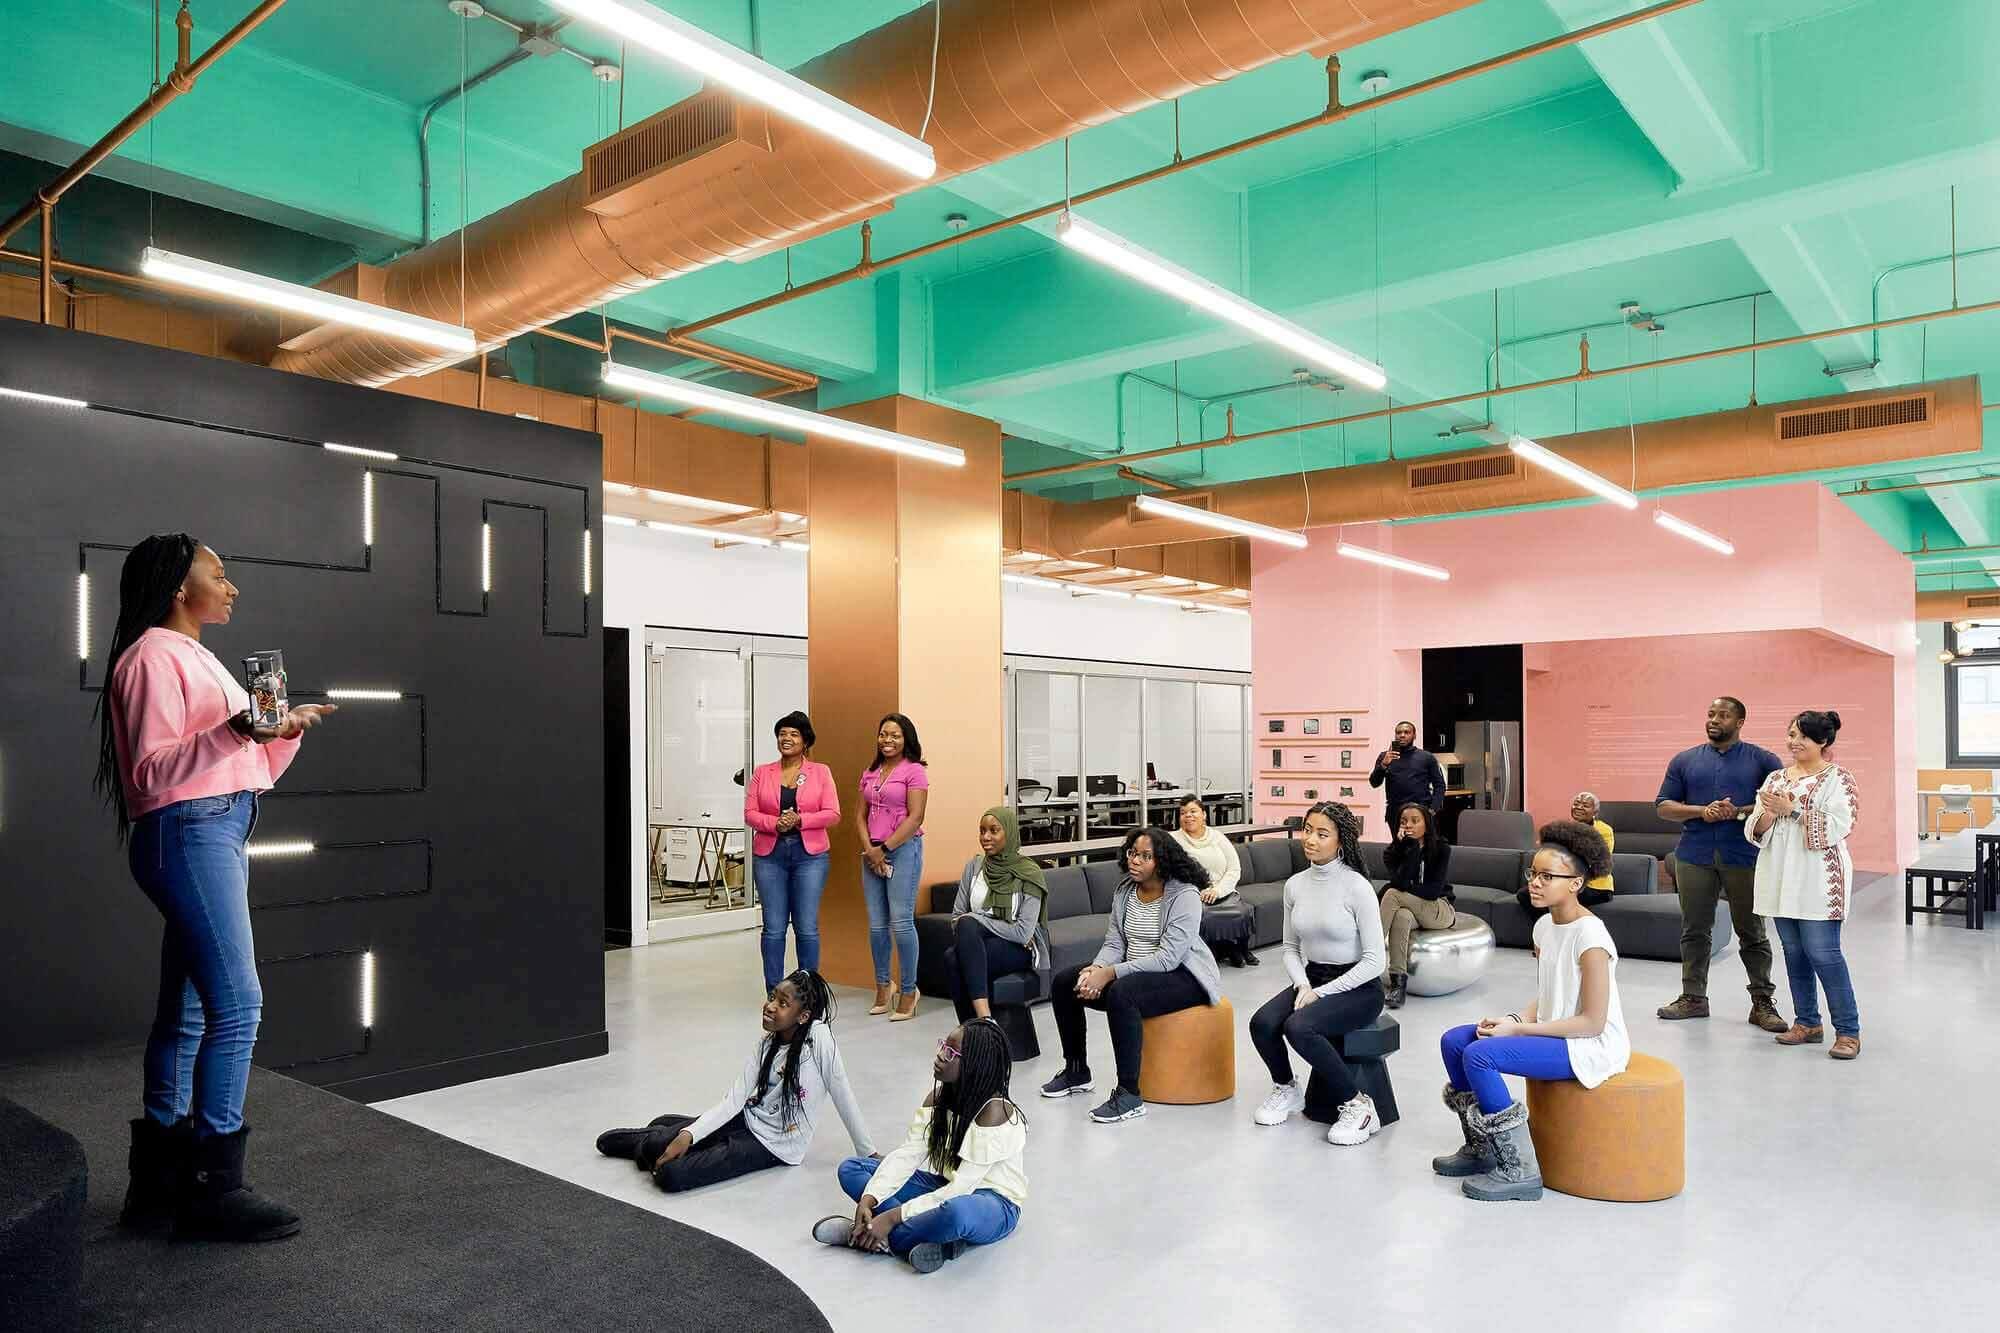 Кодекс чернокожих девушек: датчанин Курани создает техническую лабораторию для молодых женщин в Нью-Йорке